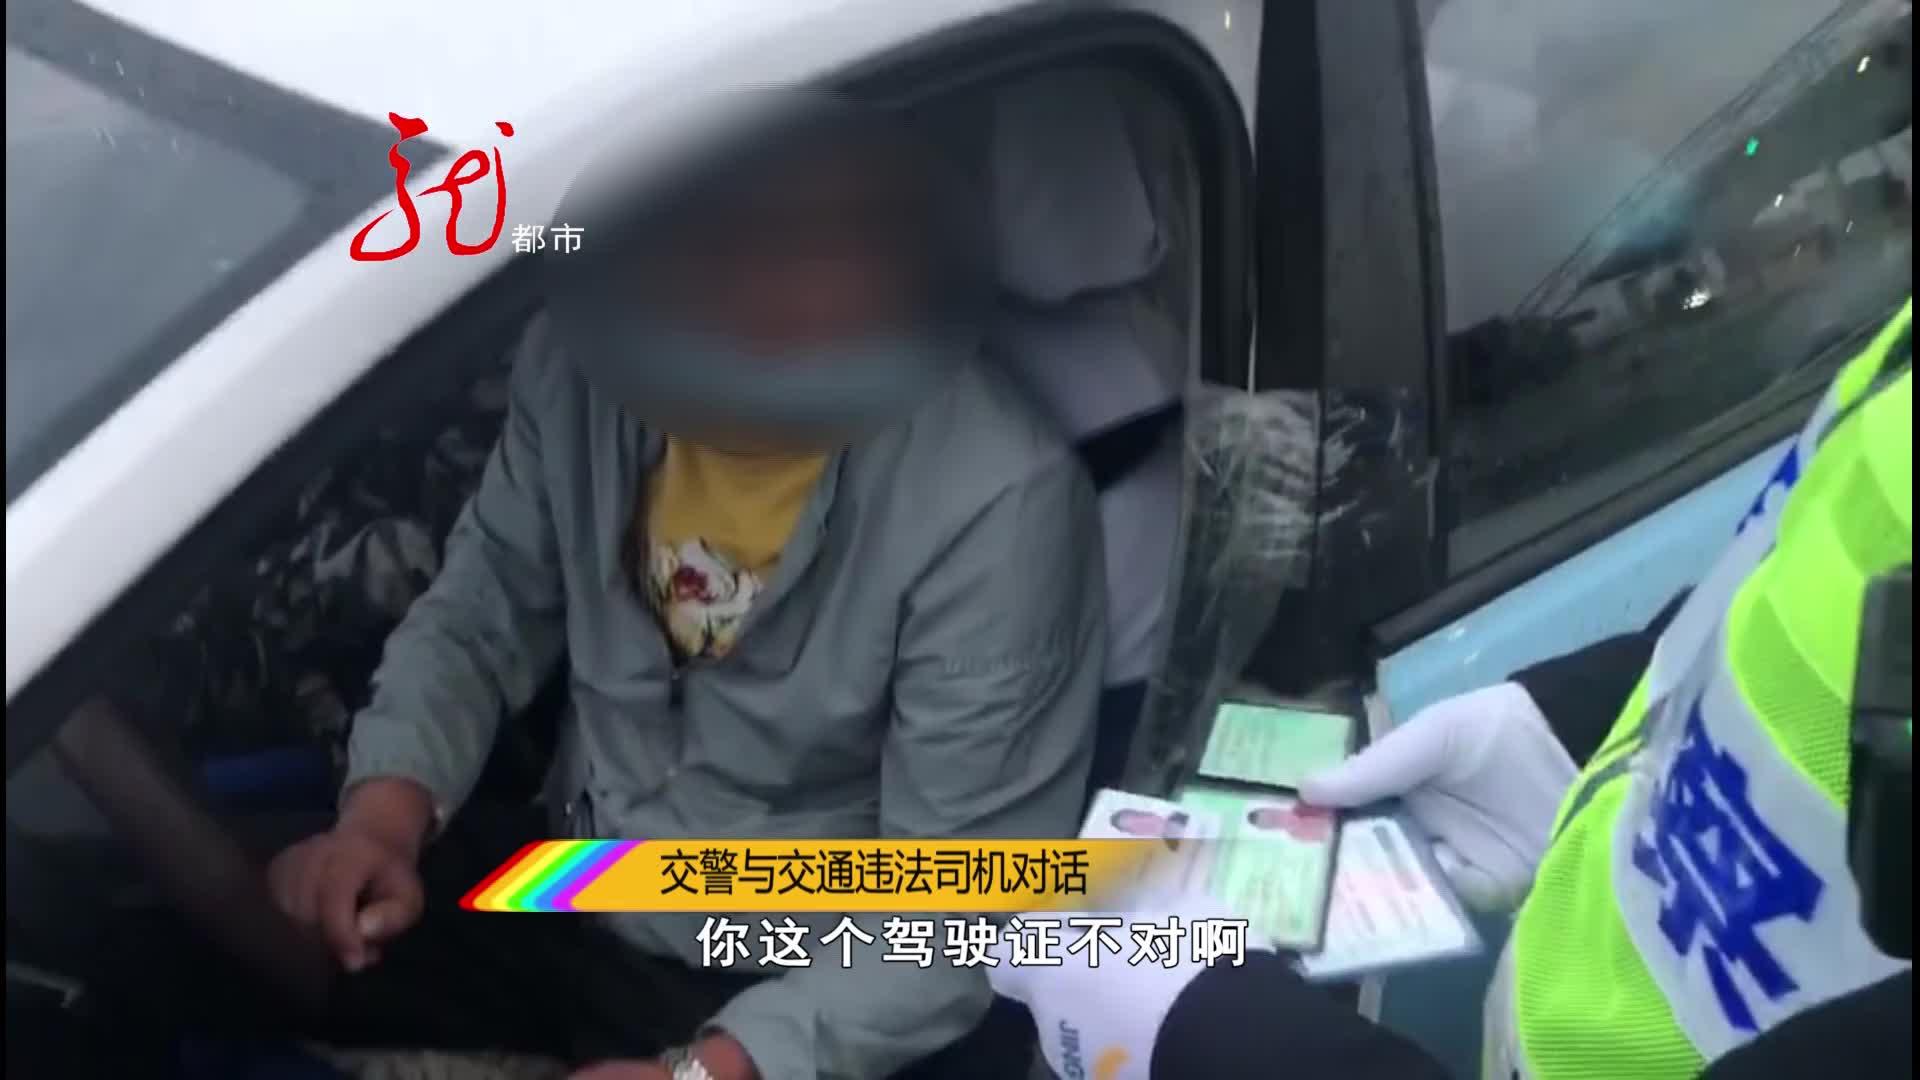 驾驶员使用假证被处罚 司机抱怨自己文化低 科目一考了三年没过去